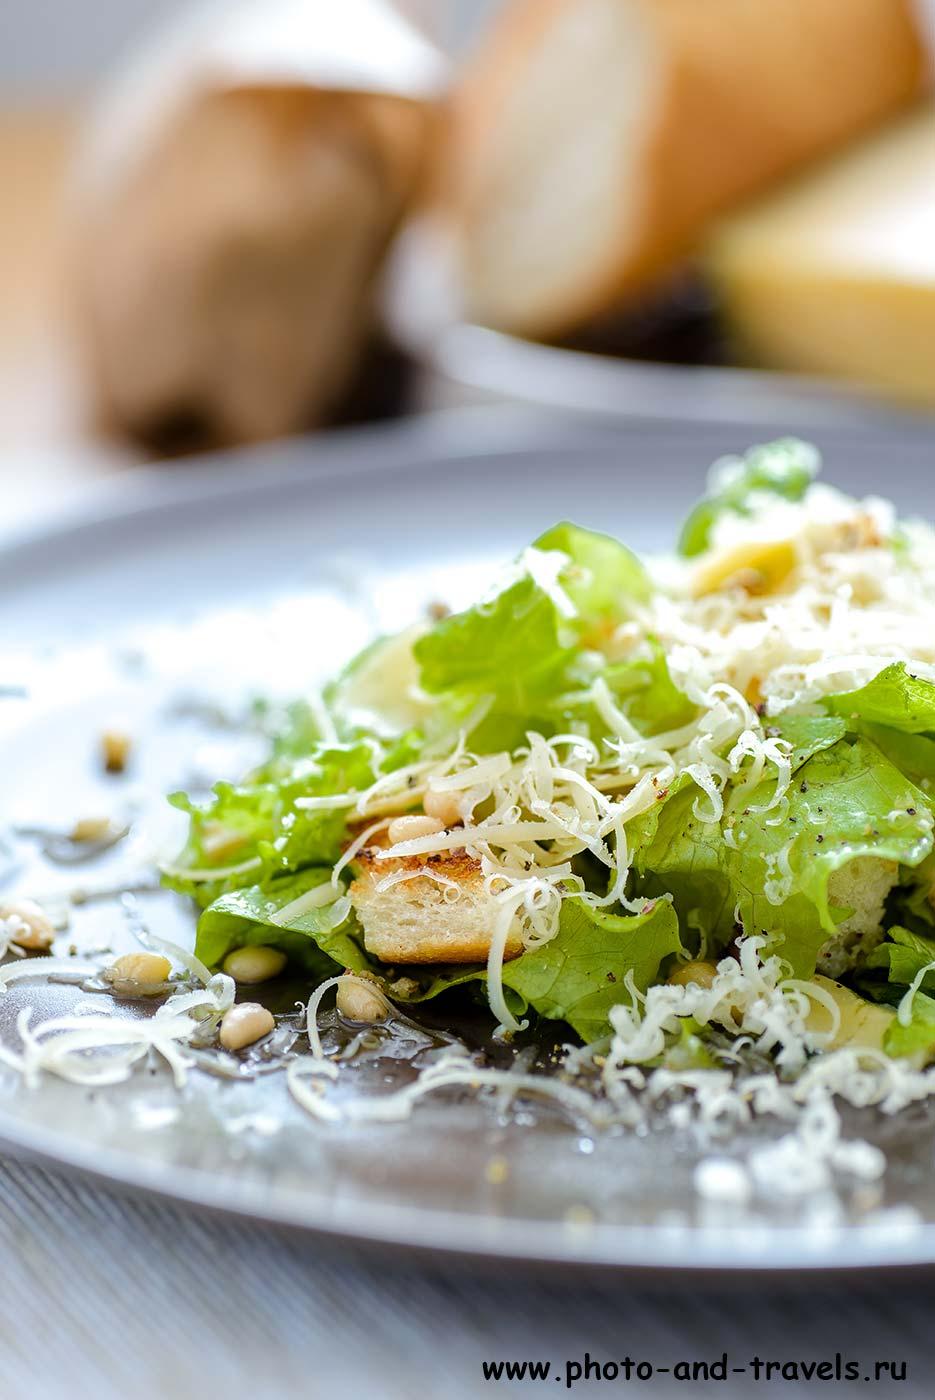 16. Зеленый салат с гренками и кедровыми орехами под пармезаном. Примеры фотографий с объектива Tamron 90/2.8 (М, 90мм, f5, 4сек, ISO 100).